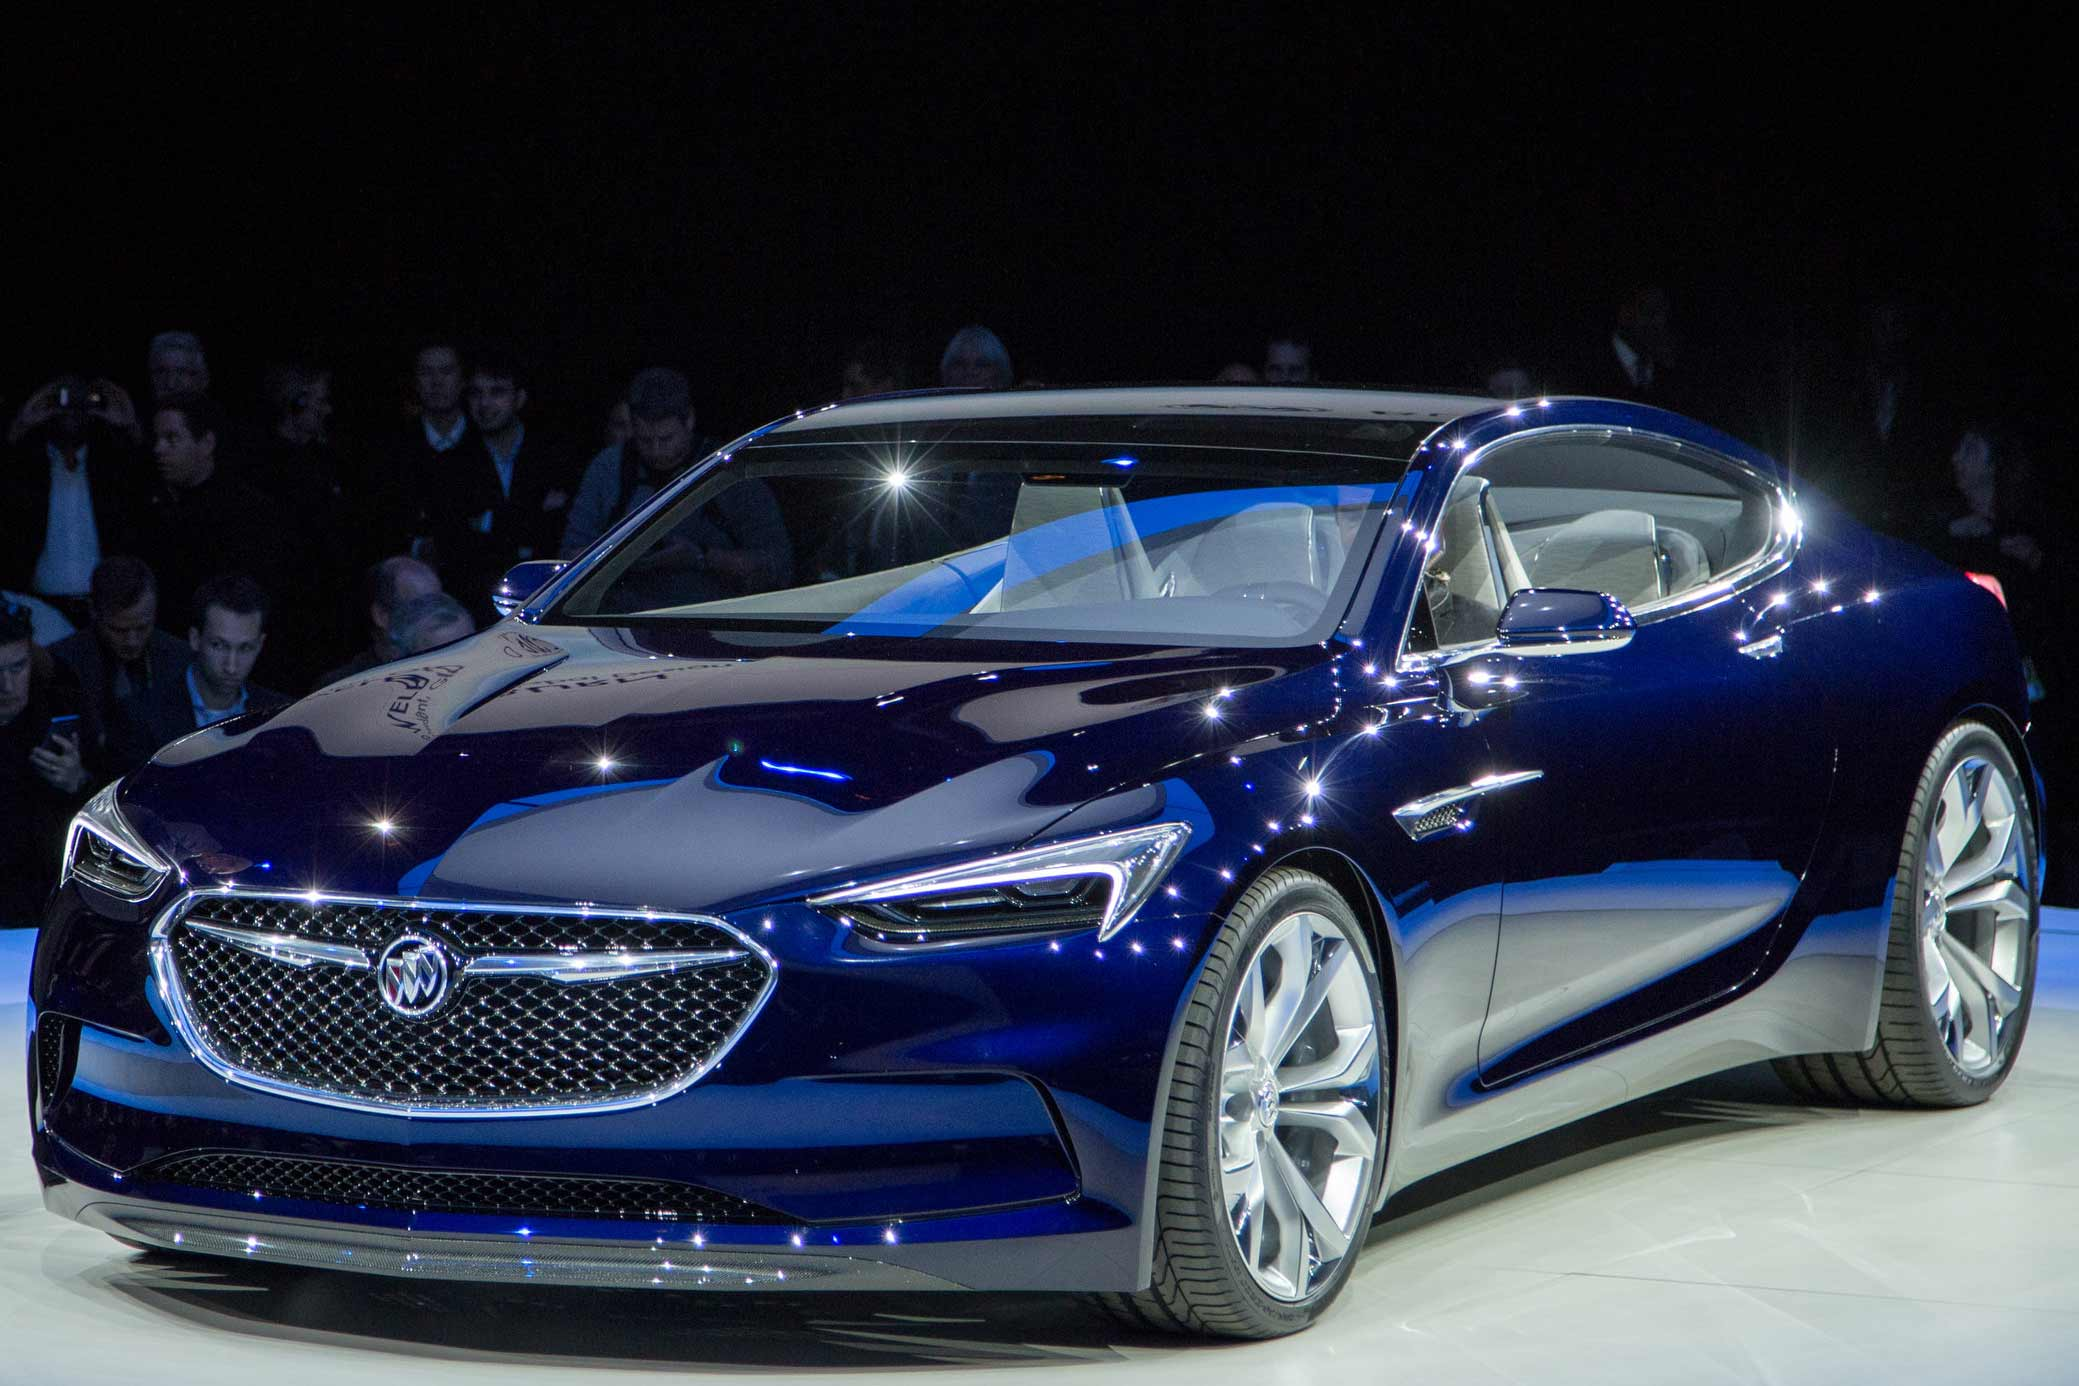 BuickAvistaReveal02